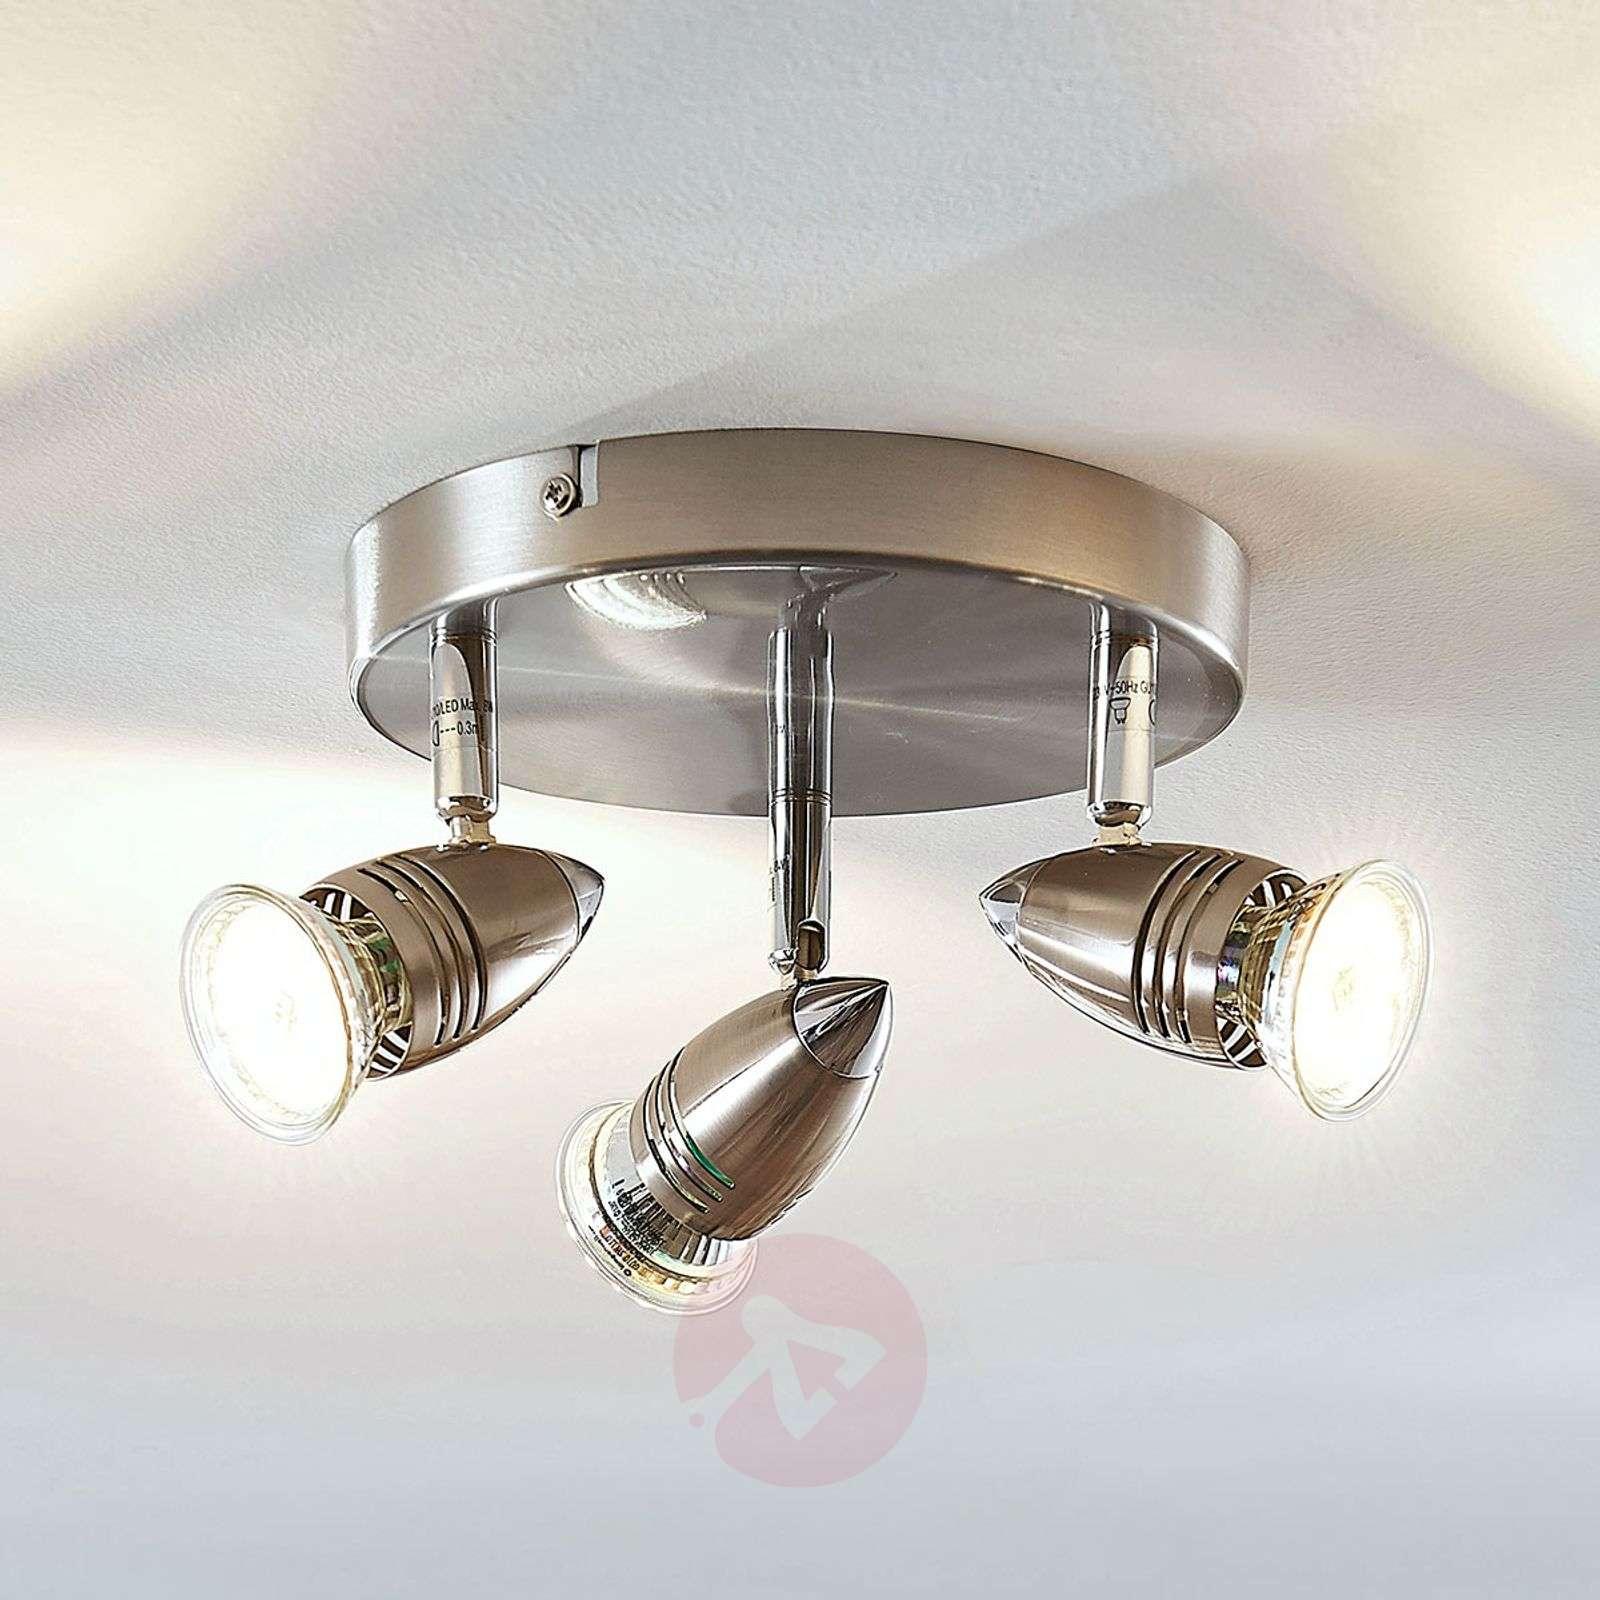 LED-kattokohdevalo Benina, 3-lamppuinen, pyöreä-9950686-01